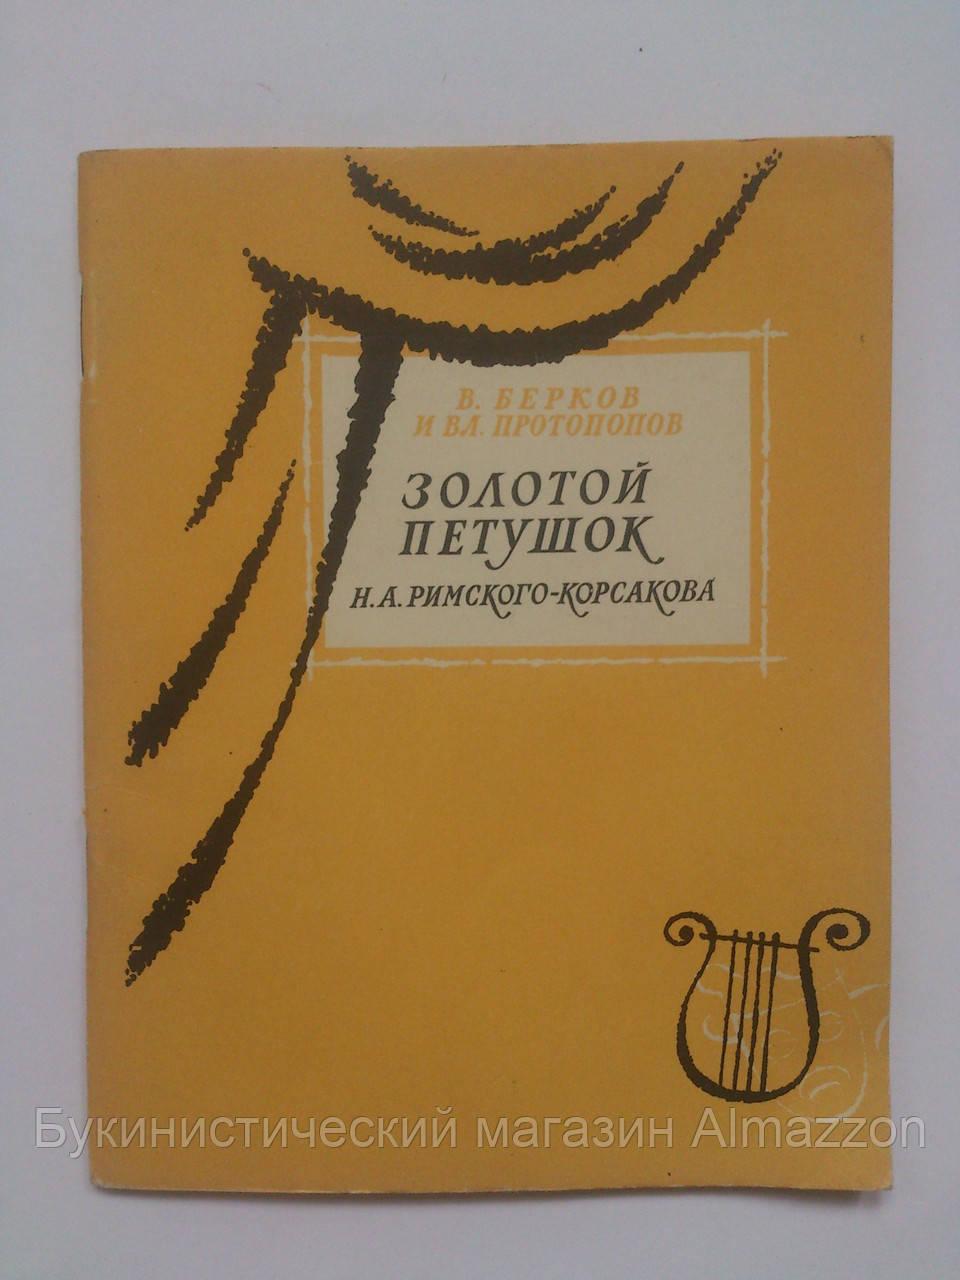 Золотой петушок Н.А.Римского-Корсакова В.Берков 1962 год. Серия: Путеводители по операм